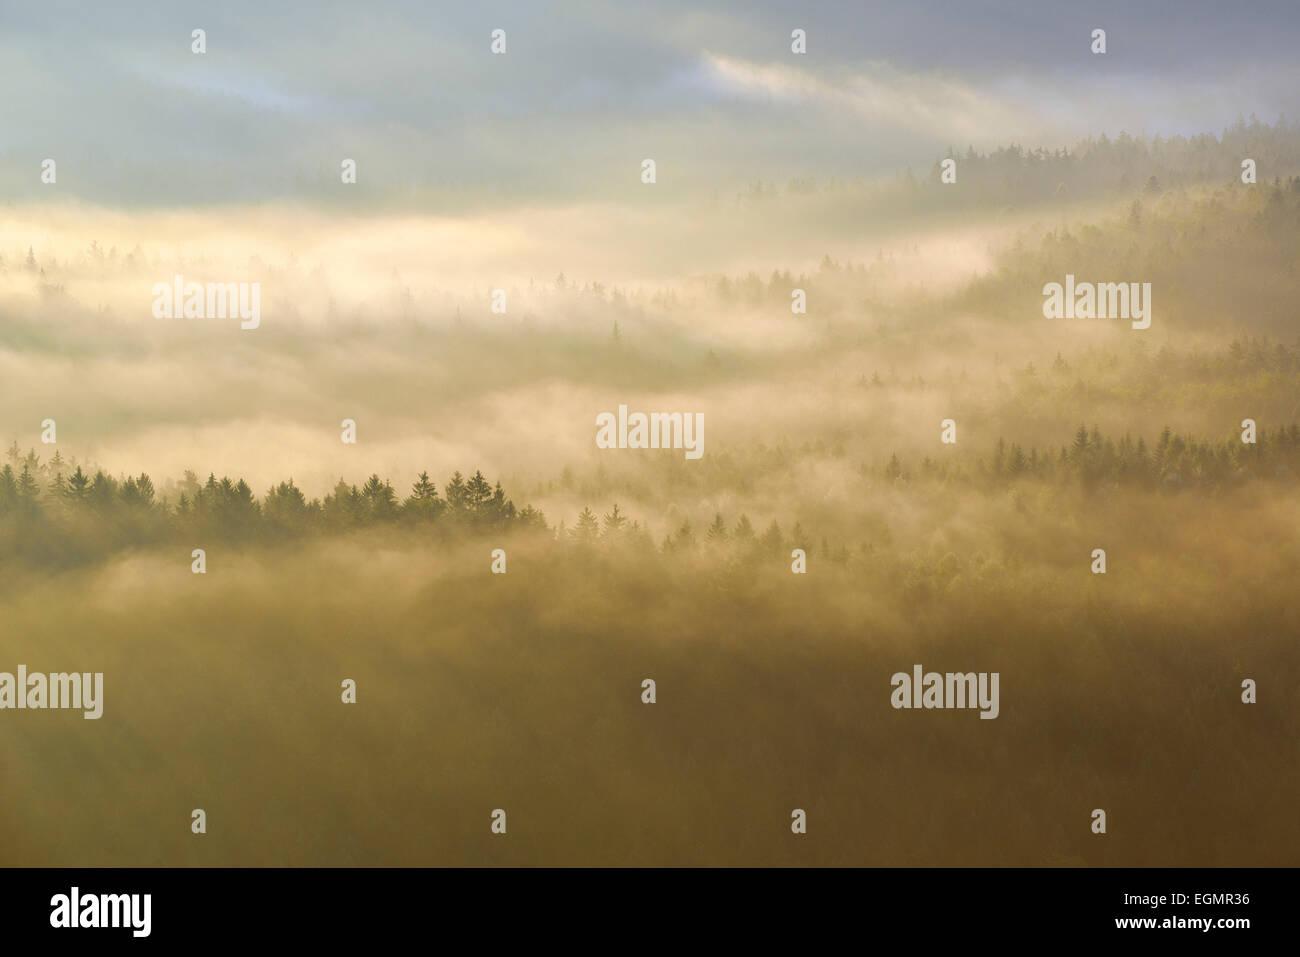 Nebel über den Baumwipfeln im Morgenlicht, Wald im Elbsandsteingebirge, Sächsische Schweiz, Sachsen, Deutschland Stockbild